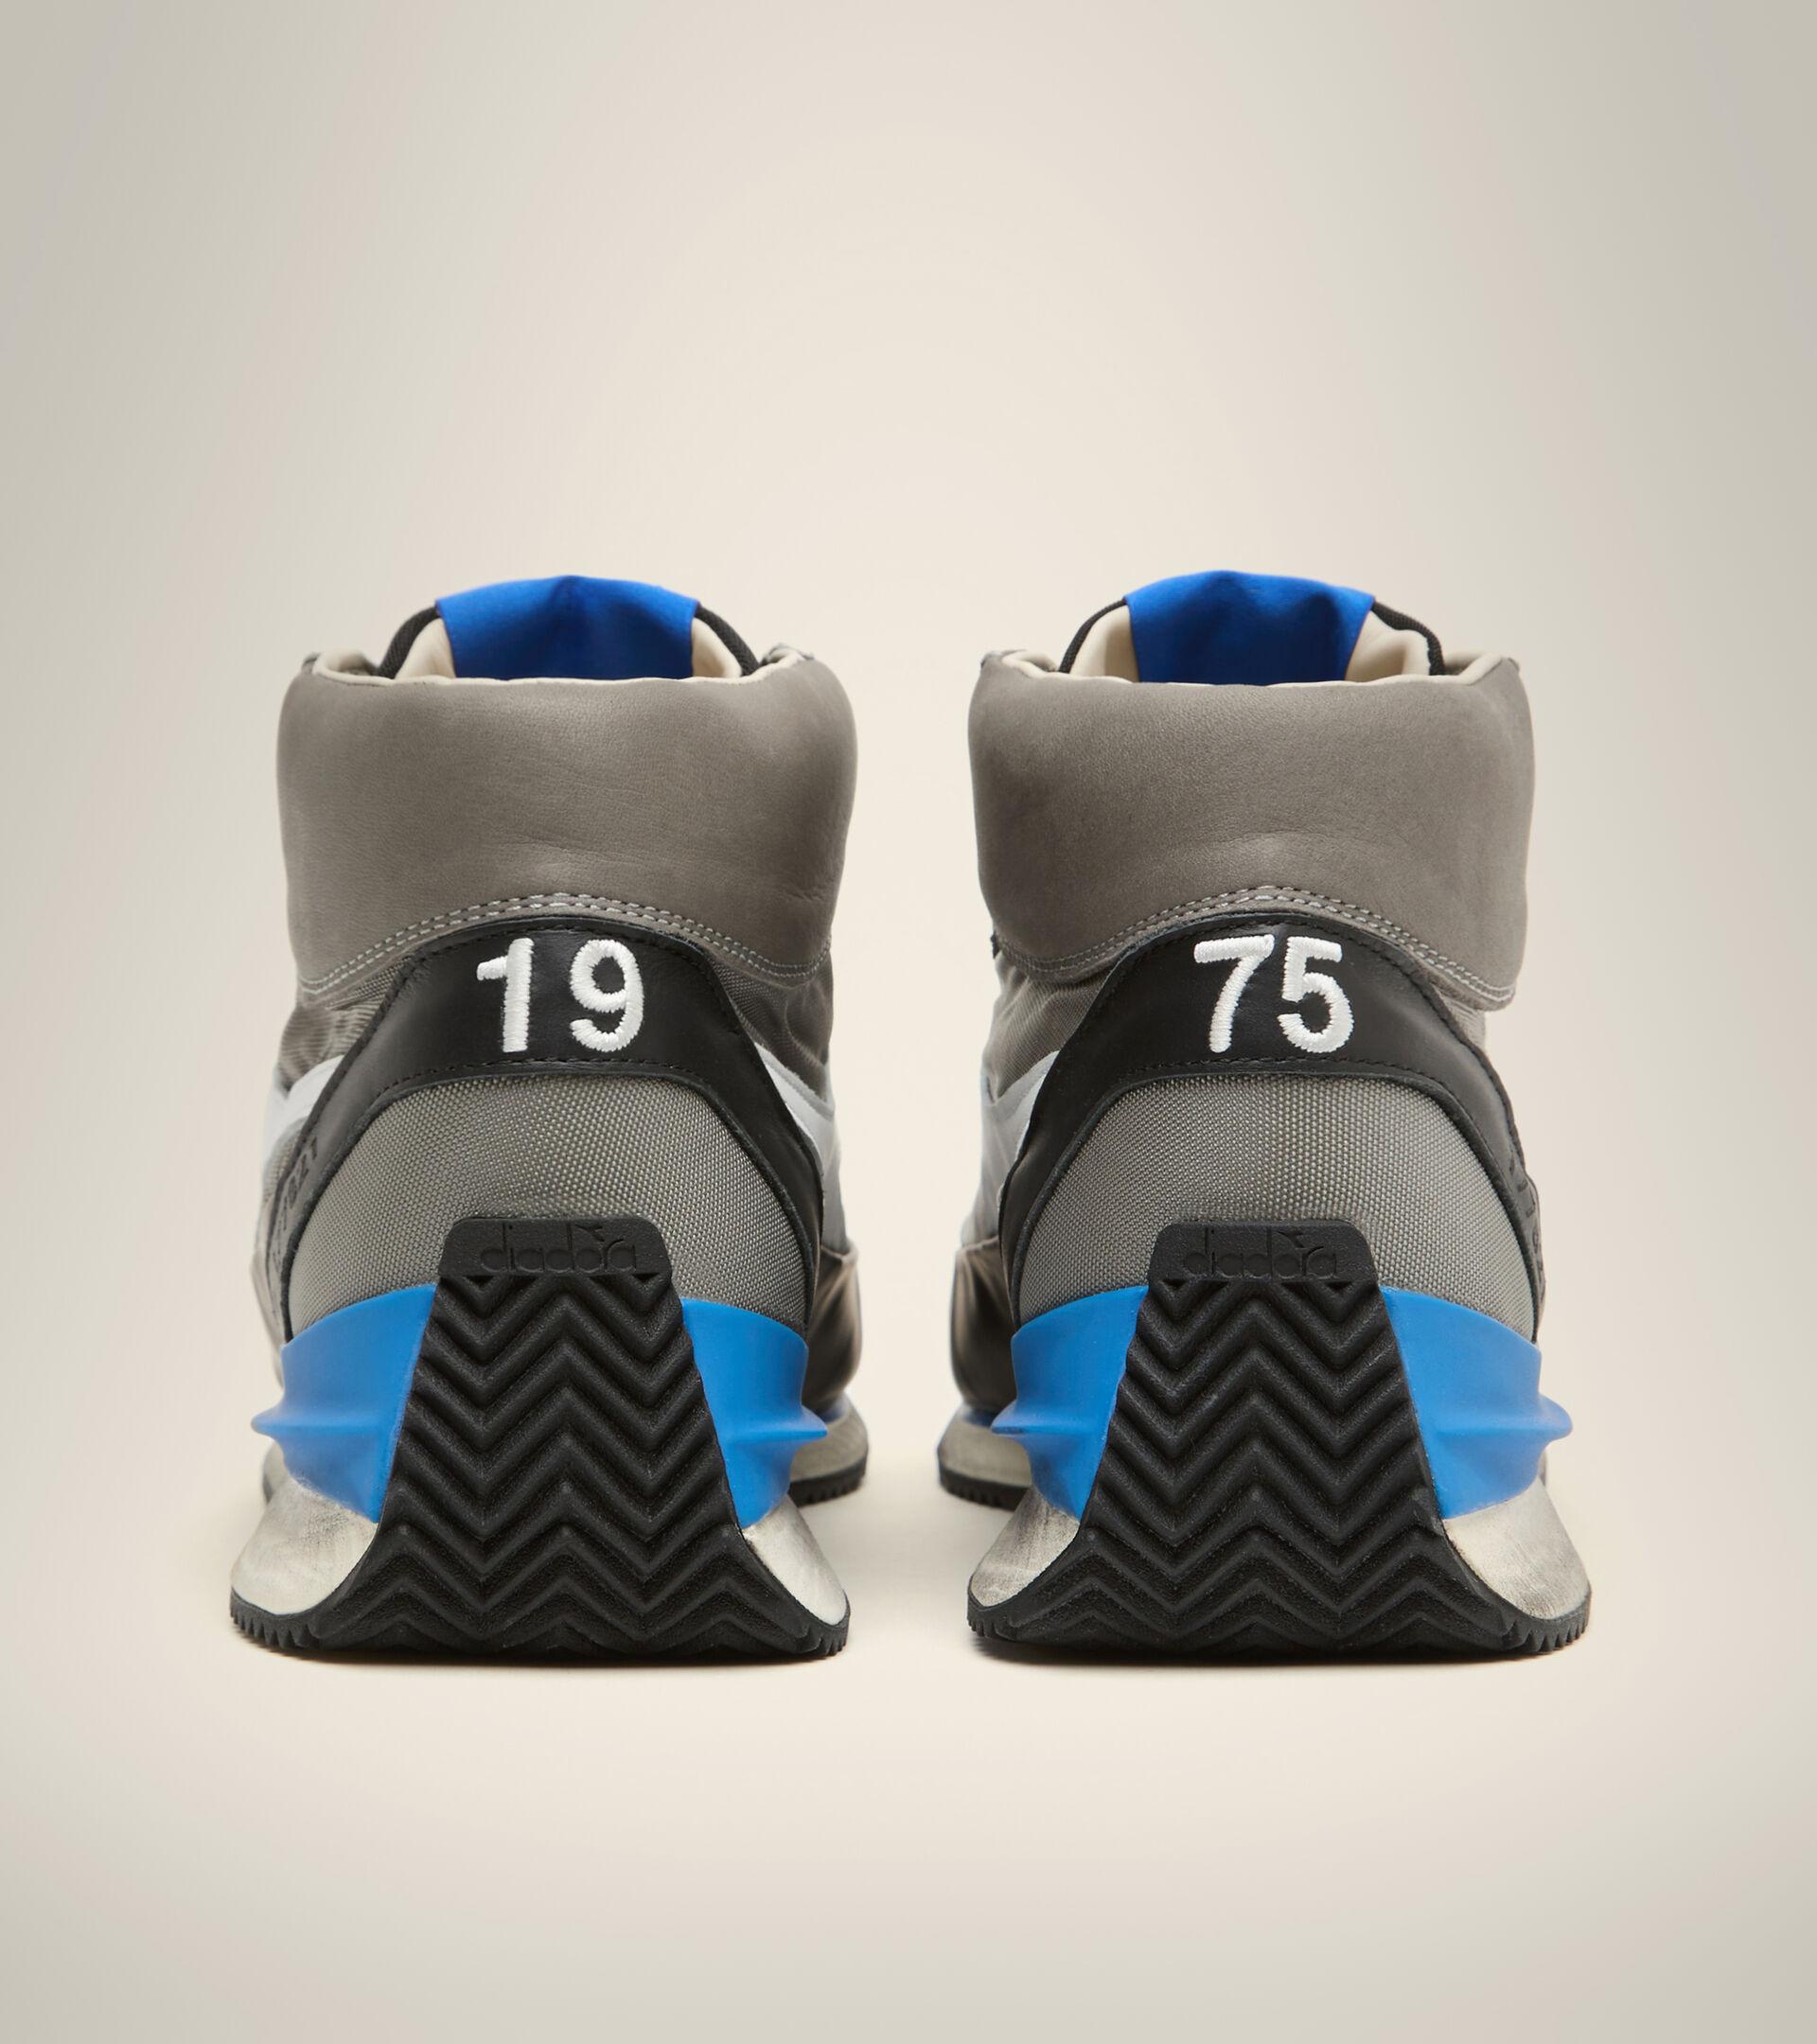 Footwear Heritage UNISEX EQUIPE MID MAD ITALIA NUBUCK SW NEUTRO GRIS Diadora